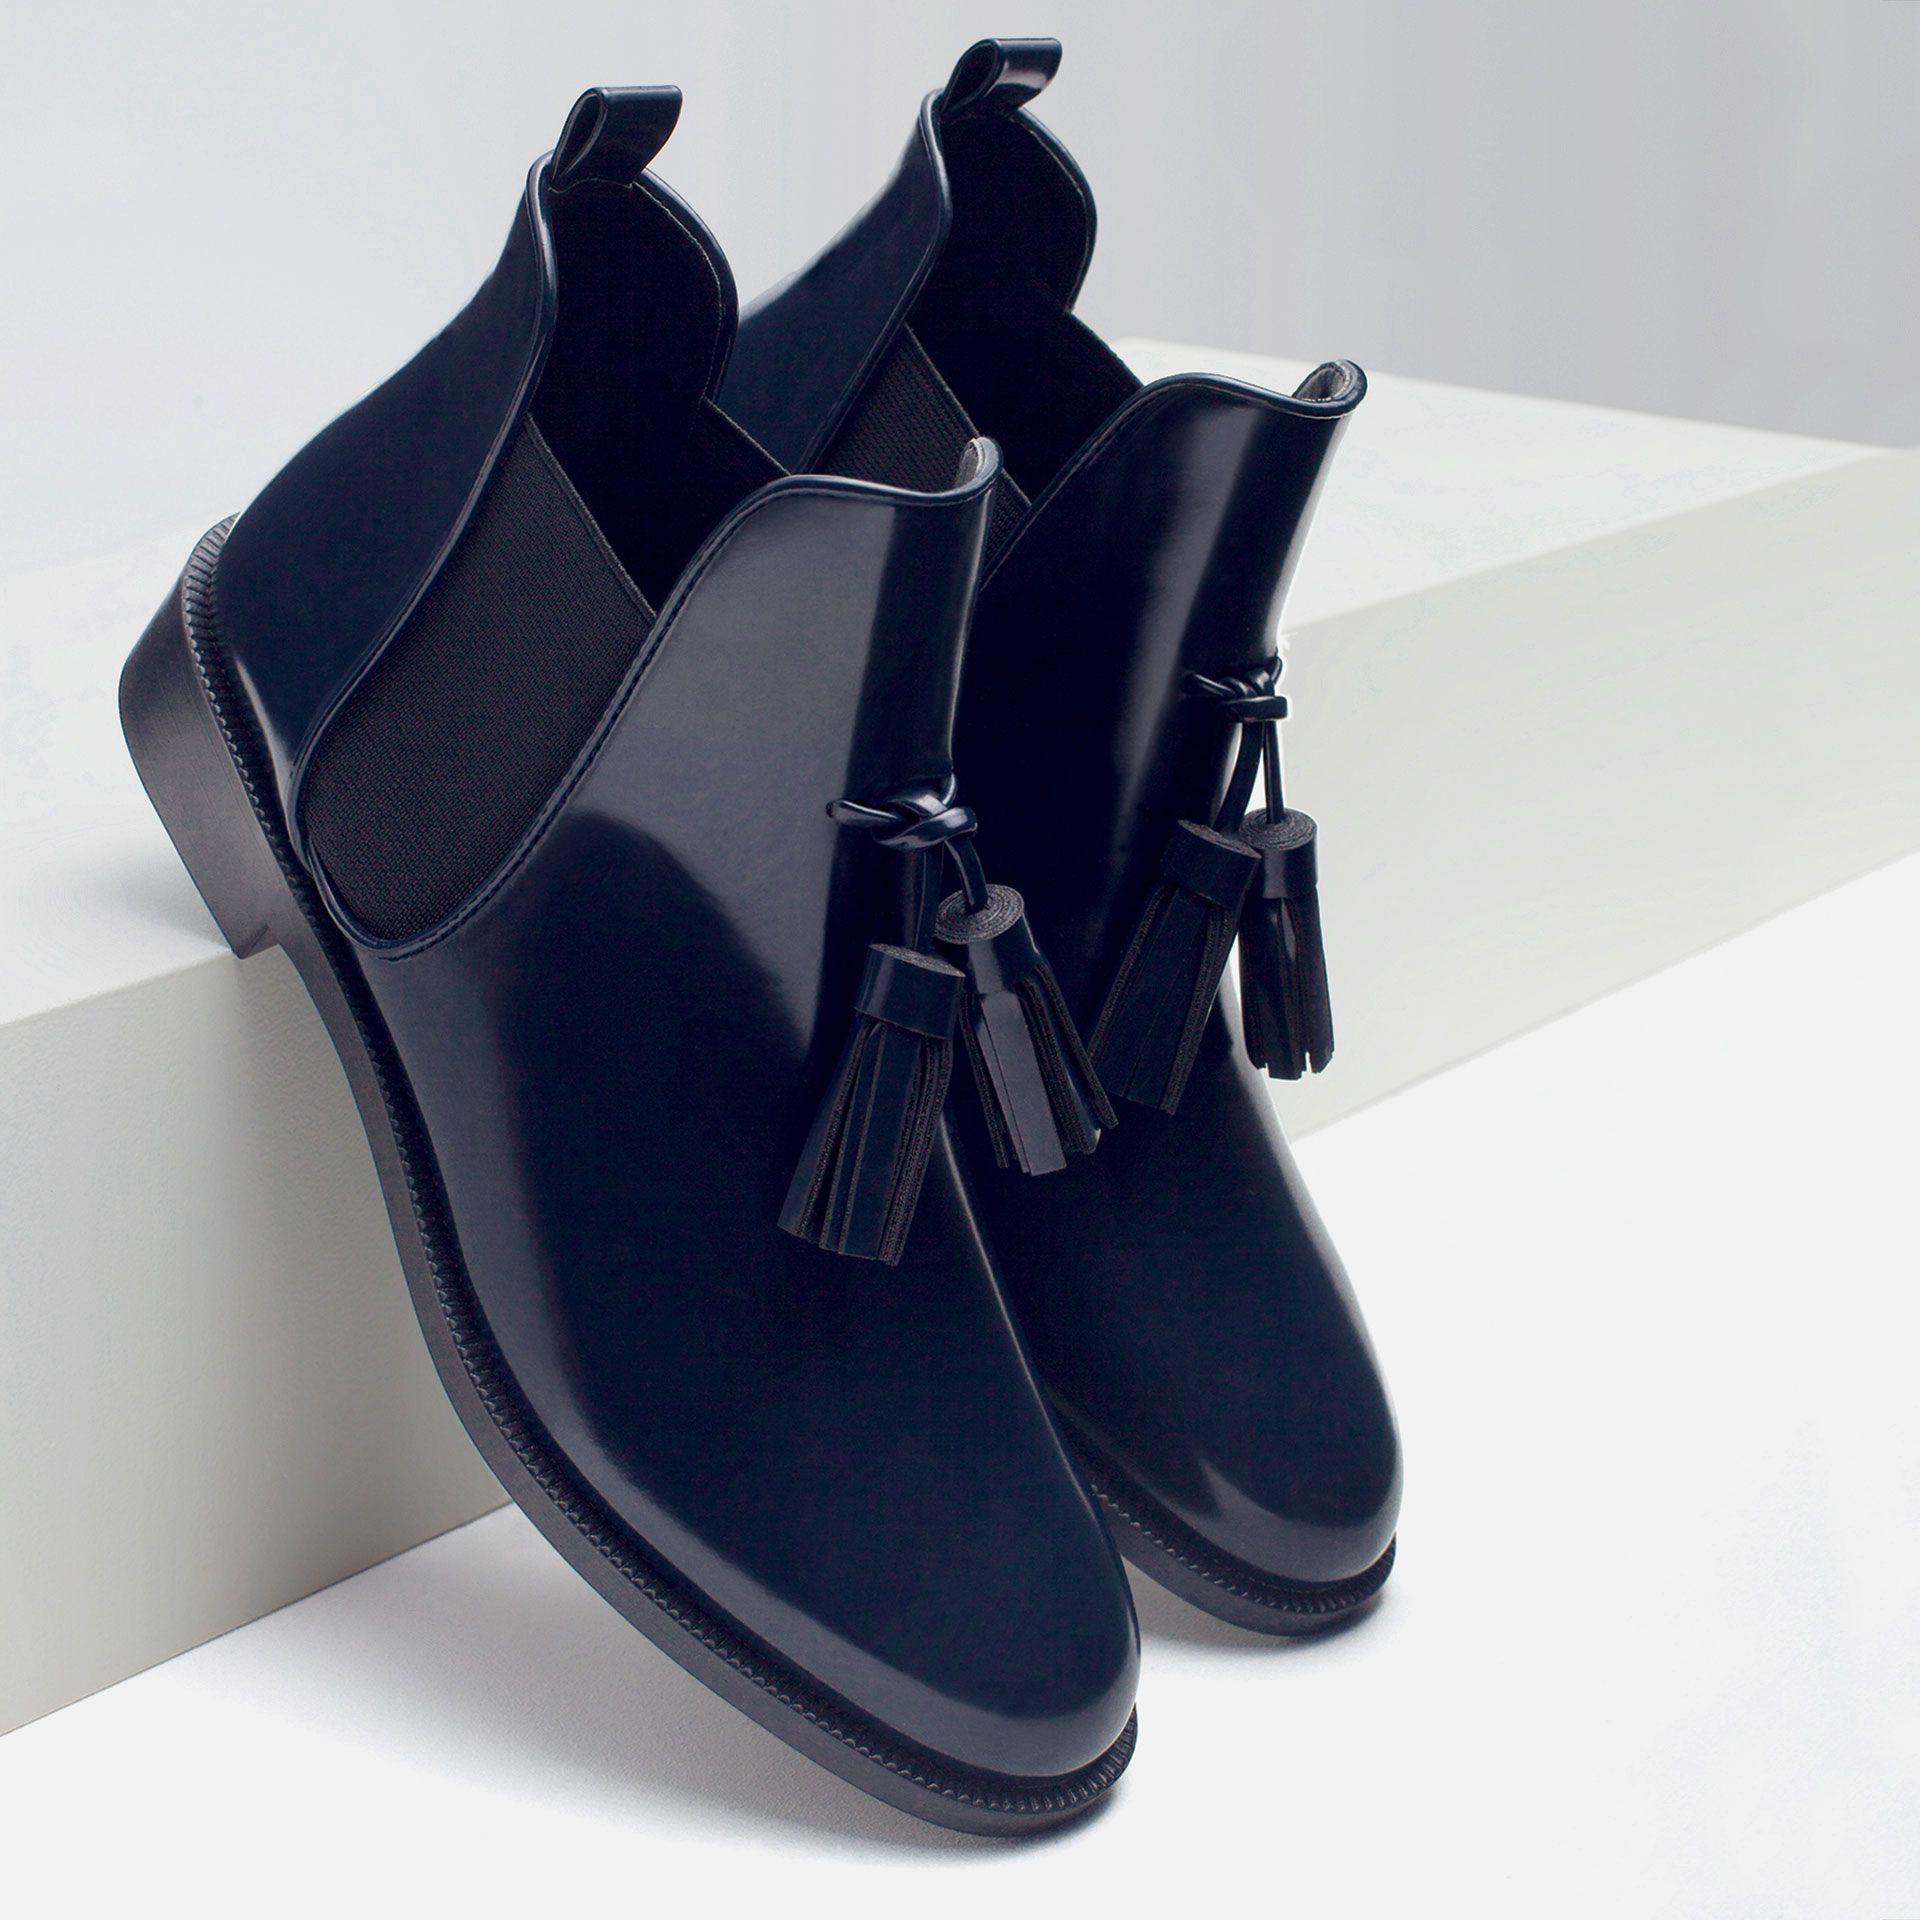 BOTIM RASO BORLAS - Sapatos - TRF | ZARA Portugal